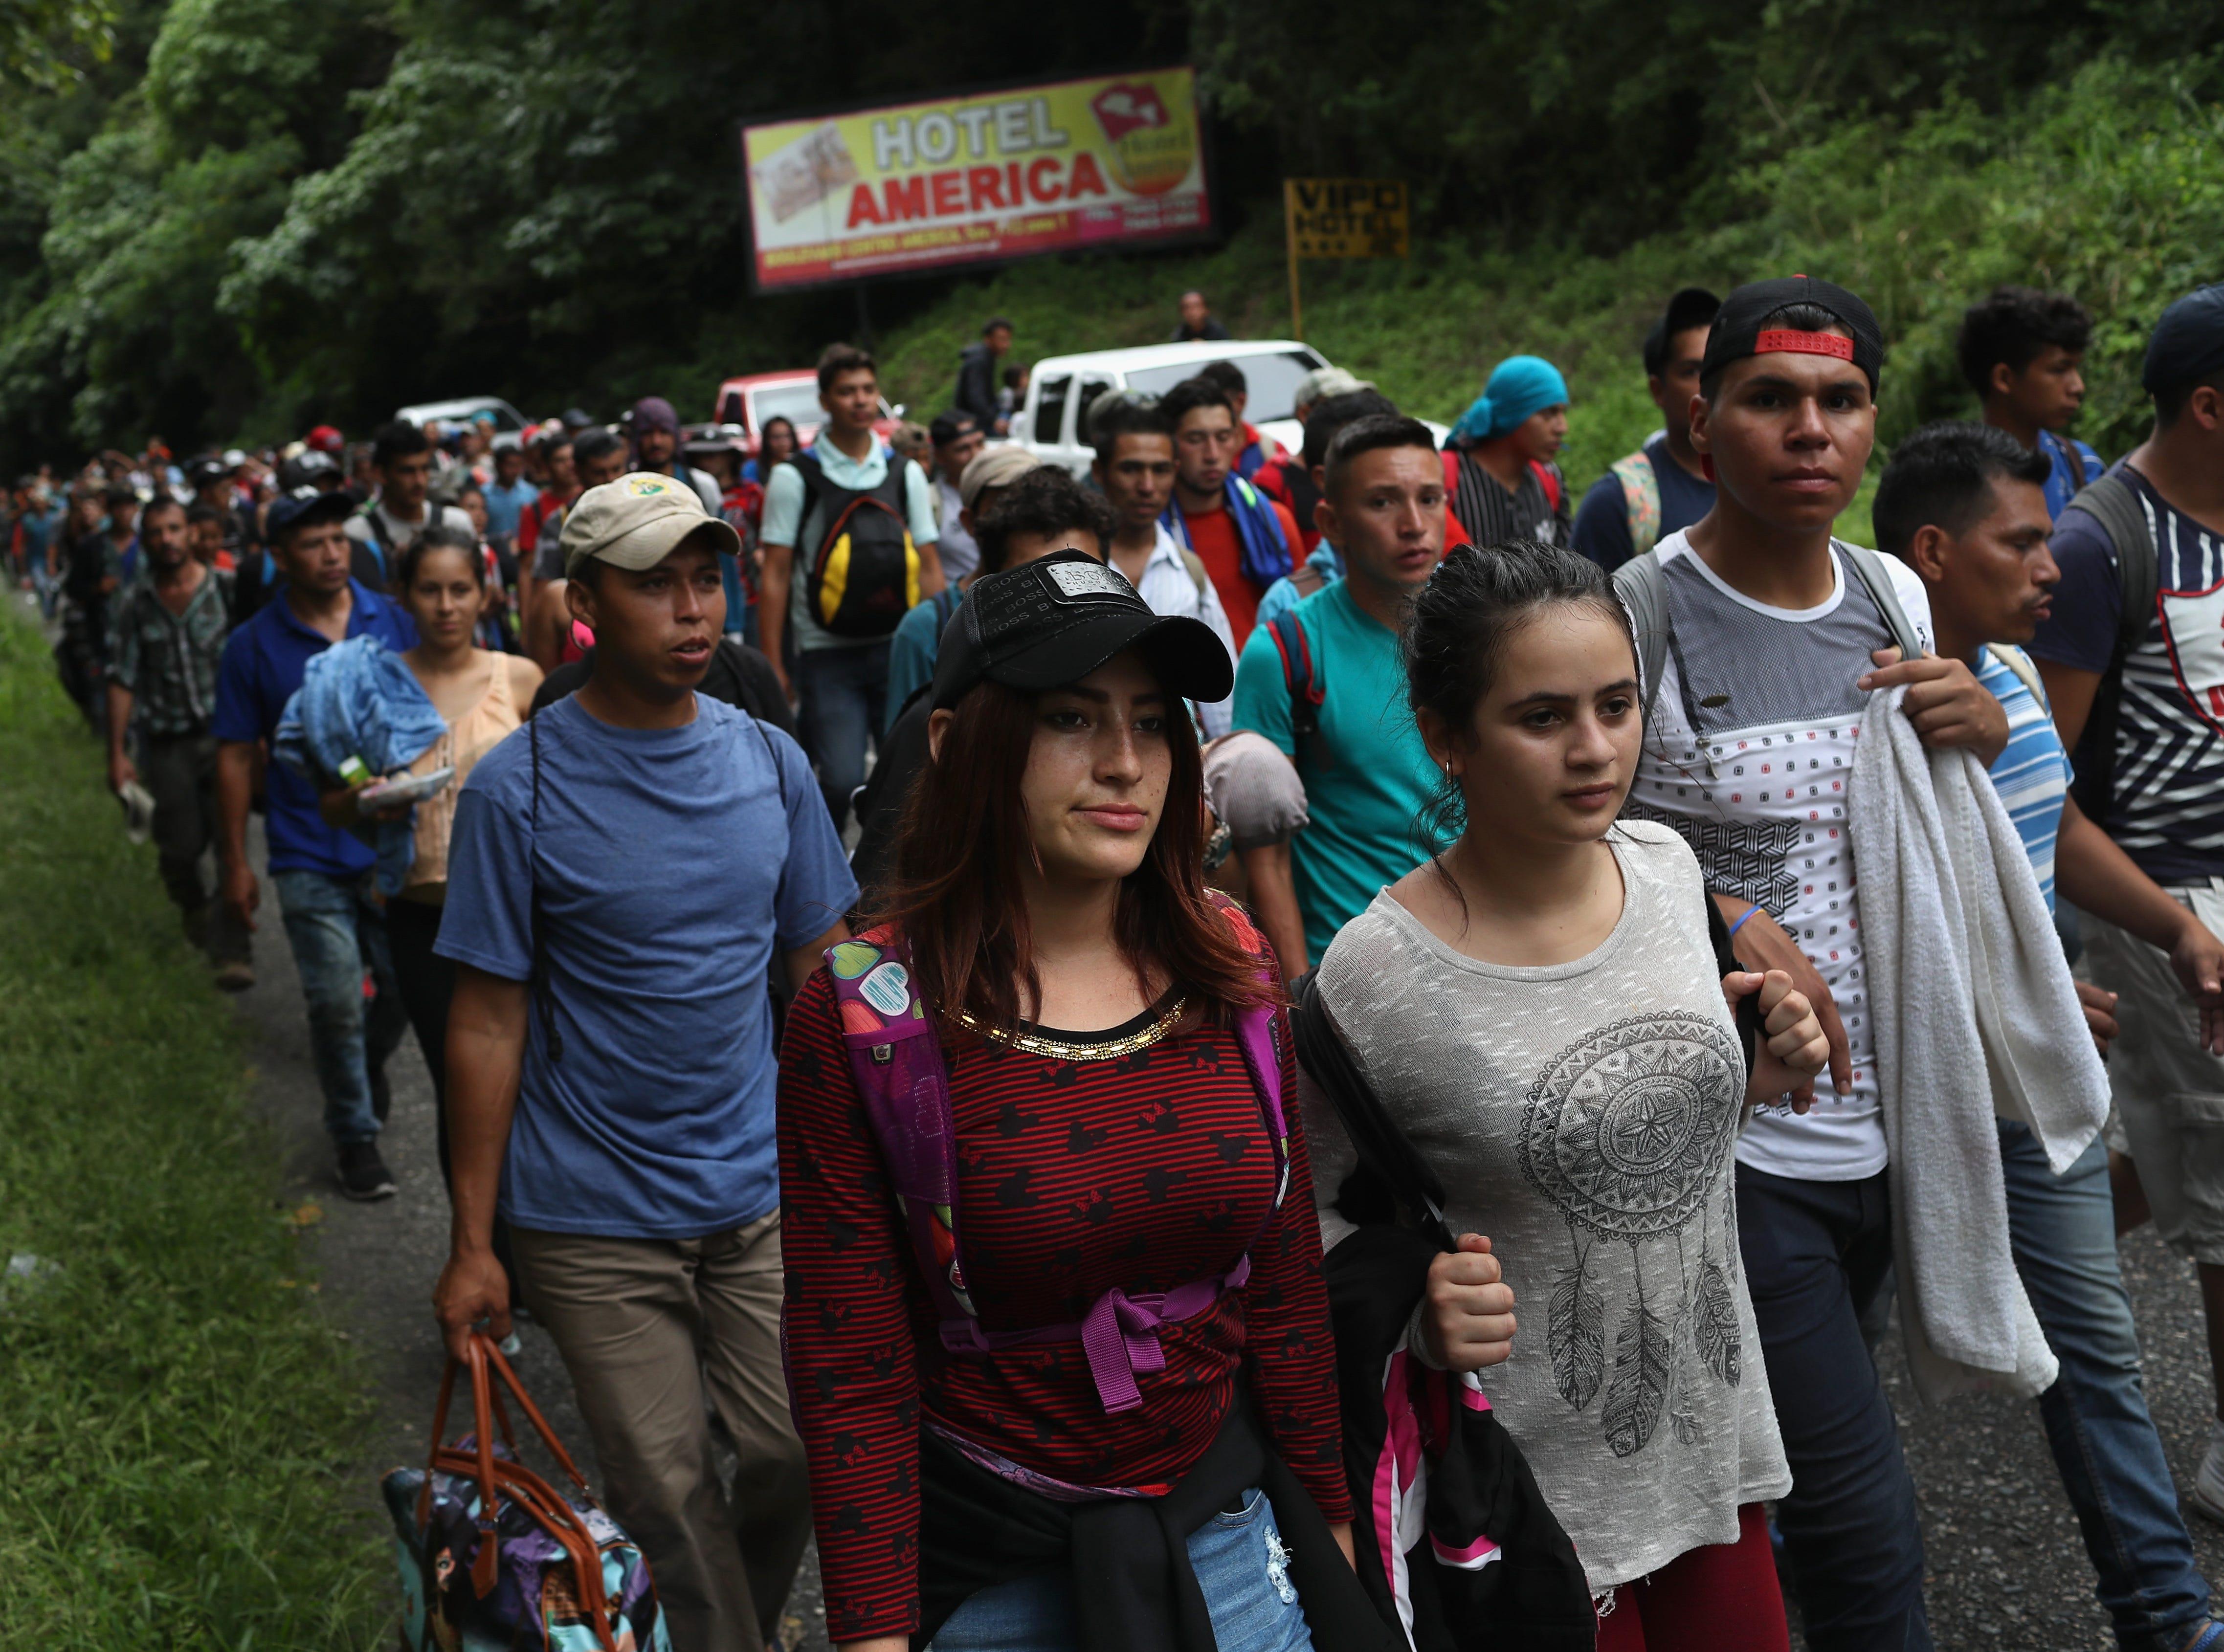 Empujando carros y con niños en los hombros, mujeres, hombres y ancianos forman parte de una nueva caravana migrante que se dirige a EEUU. Salieron desde Honduras y ya cruzaron la frontera de Guatemala. Trump ya amenazó que retirará la ayuda económica a Honduras si esta caravana continúa hacia el norte.